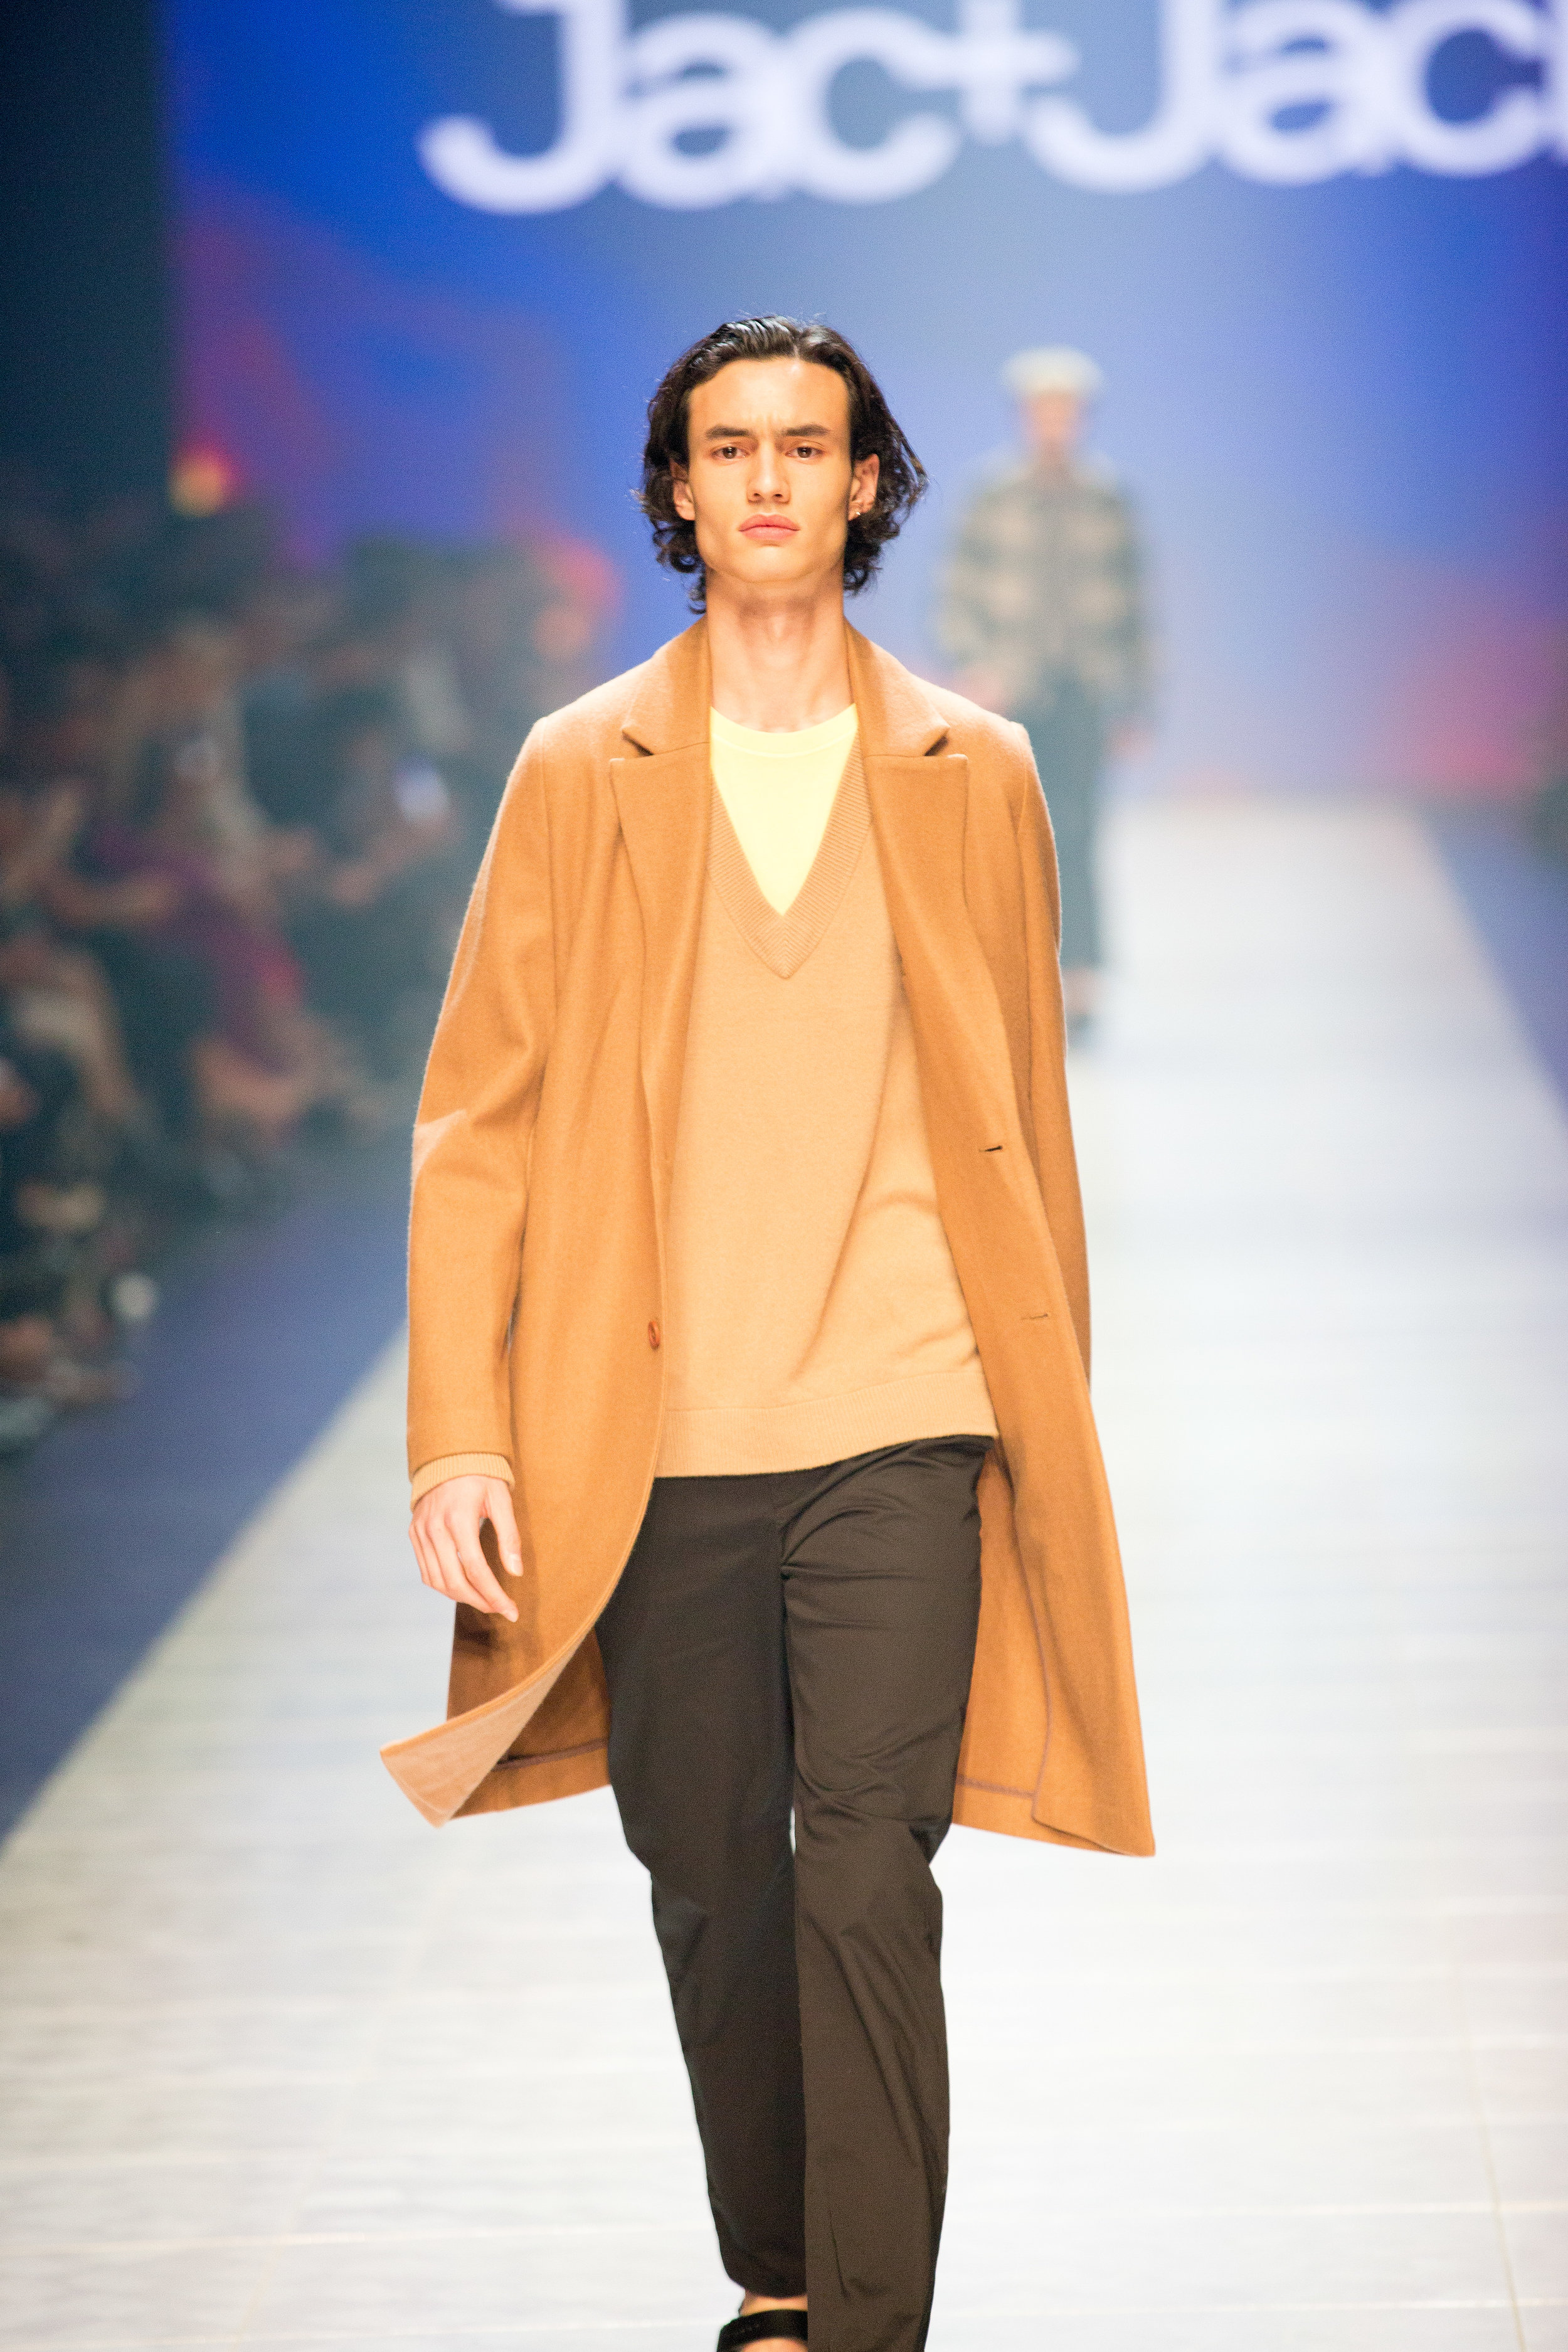 VAMFF2019_GQ Menswear-110.jpg